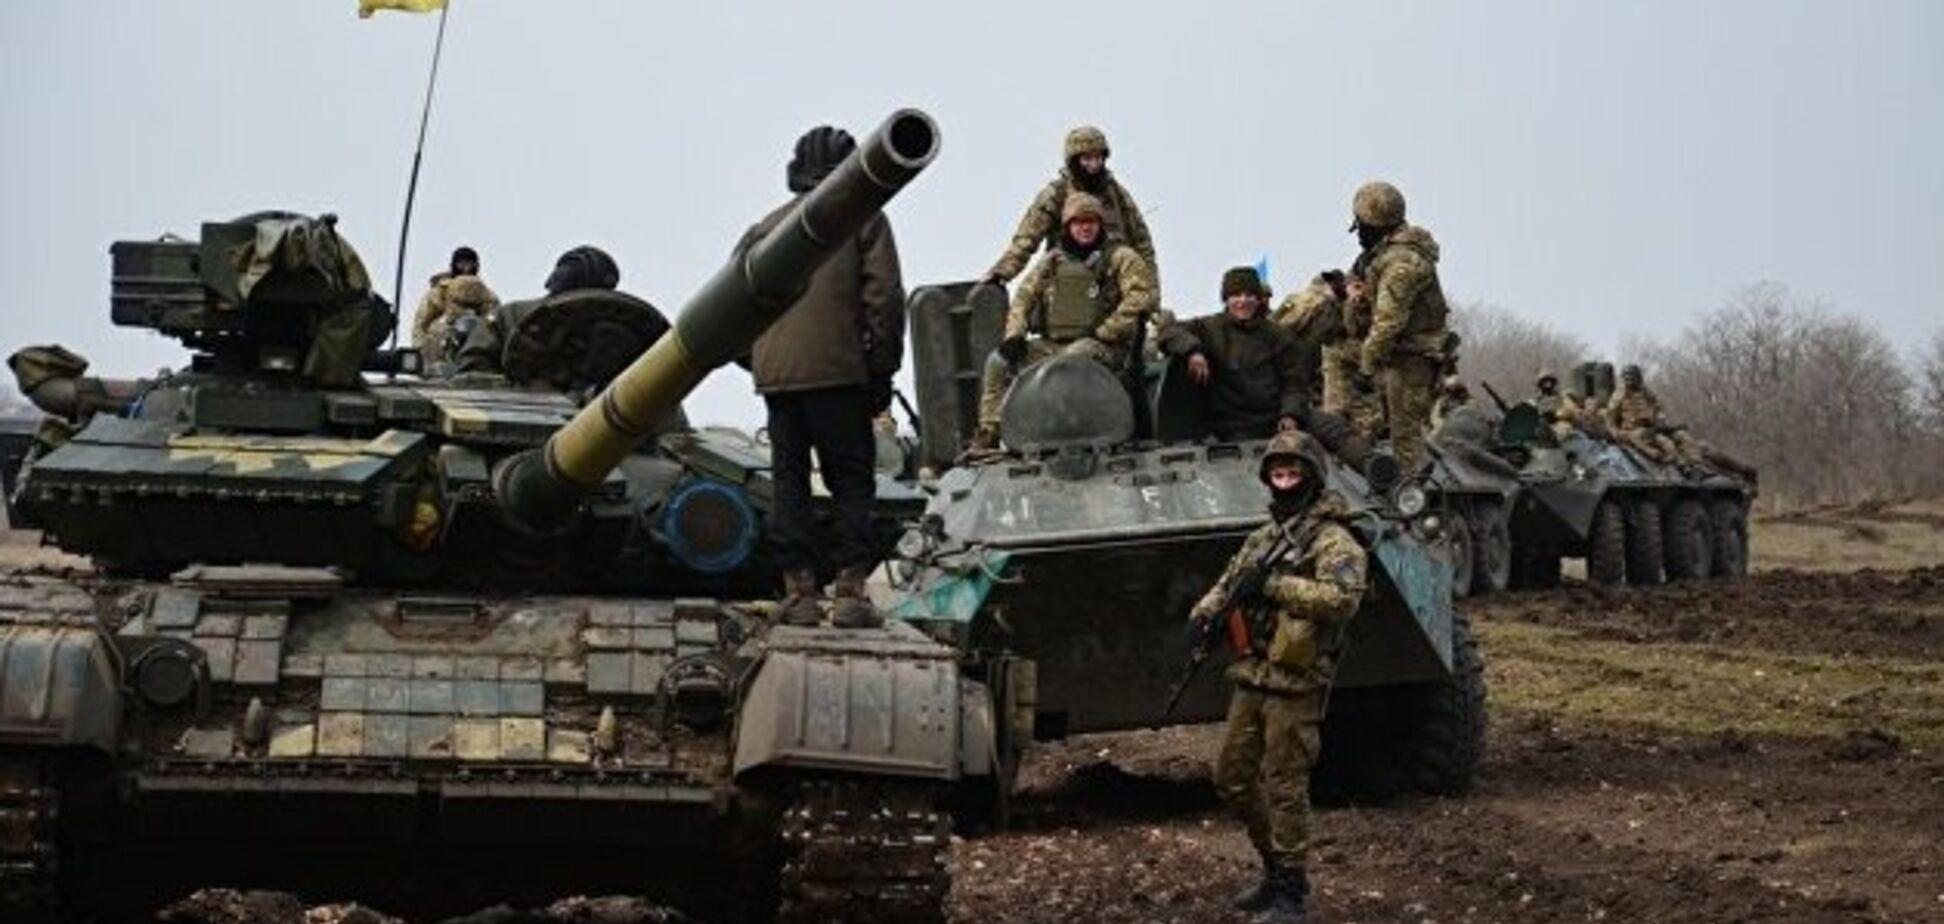 На Донбассе обострилась ситуация: в штабе ООС сообщили печальные новости